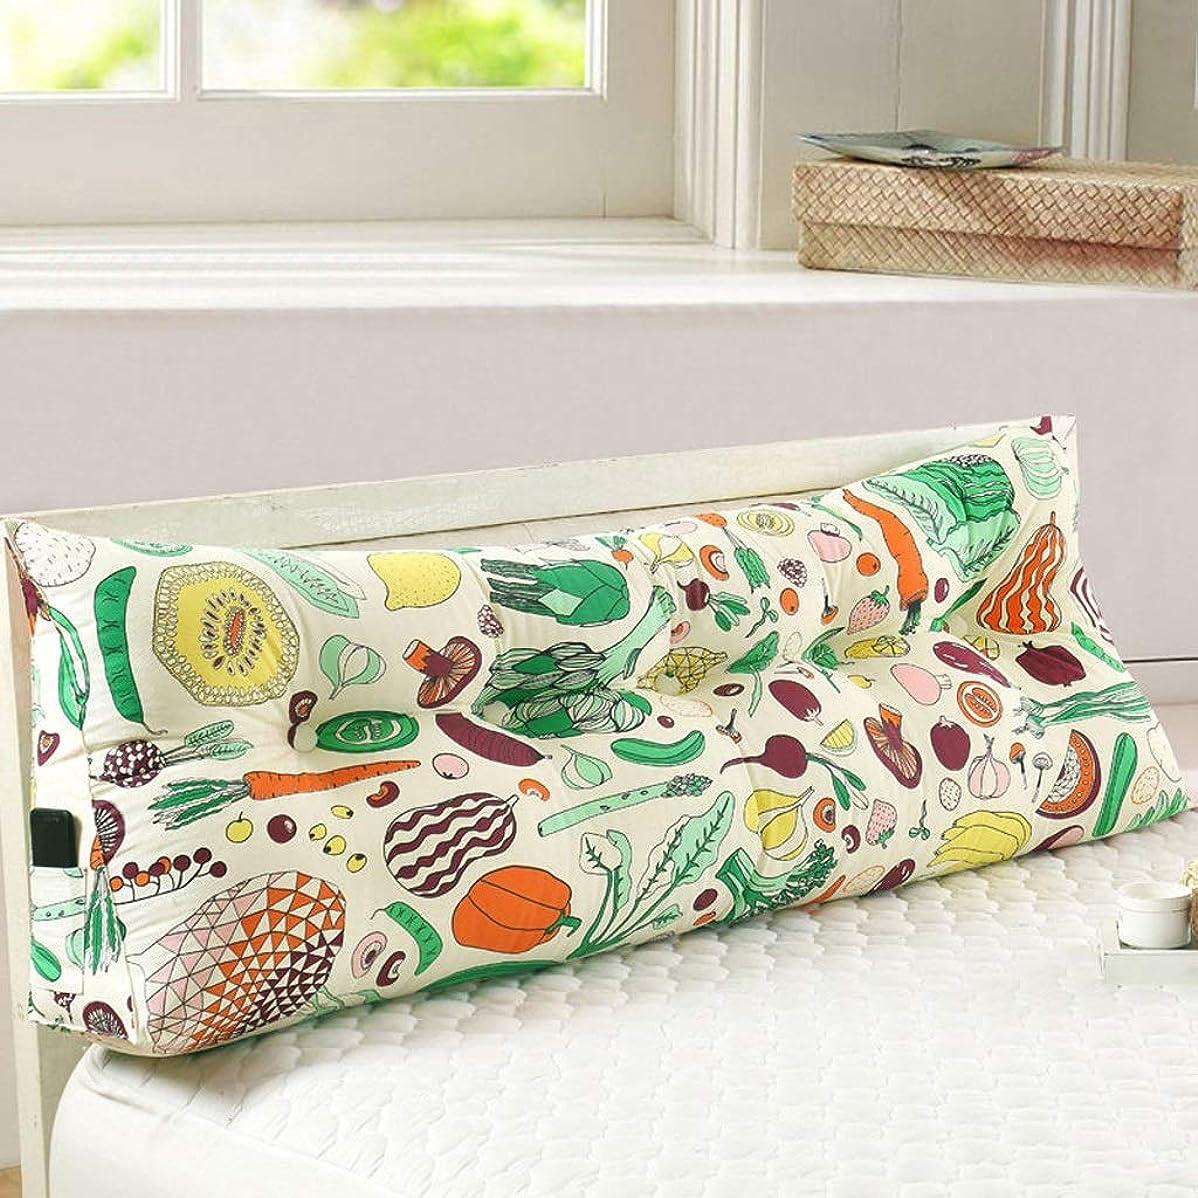 きょうだい盆地広々YQCS●LS ソファーの長い枕ソファの読み返しは、ウエストパッドのソファ大きなクッションの屋外の枕を洗うことができます。